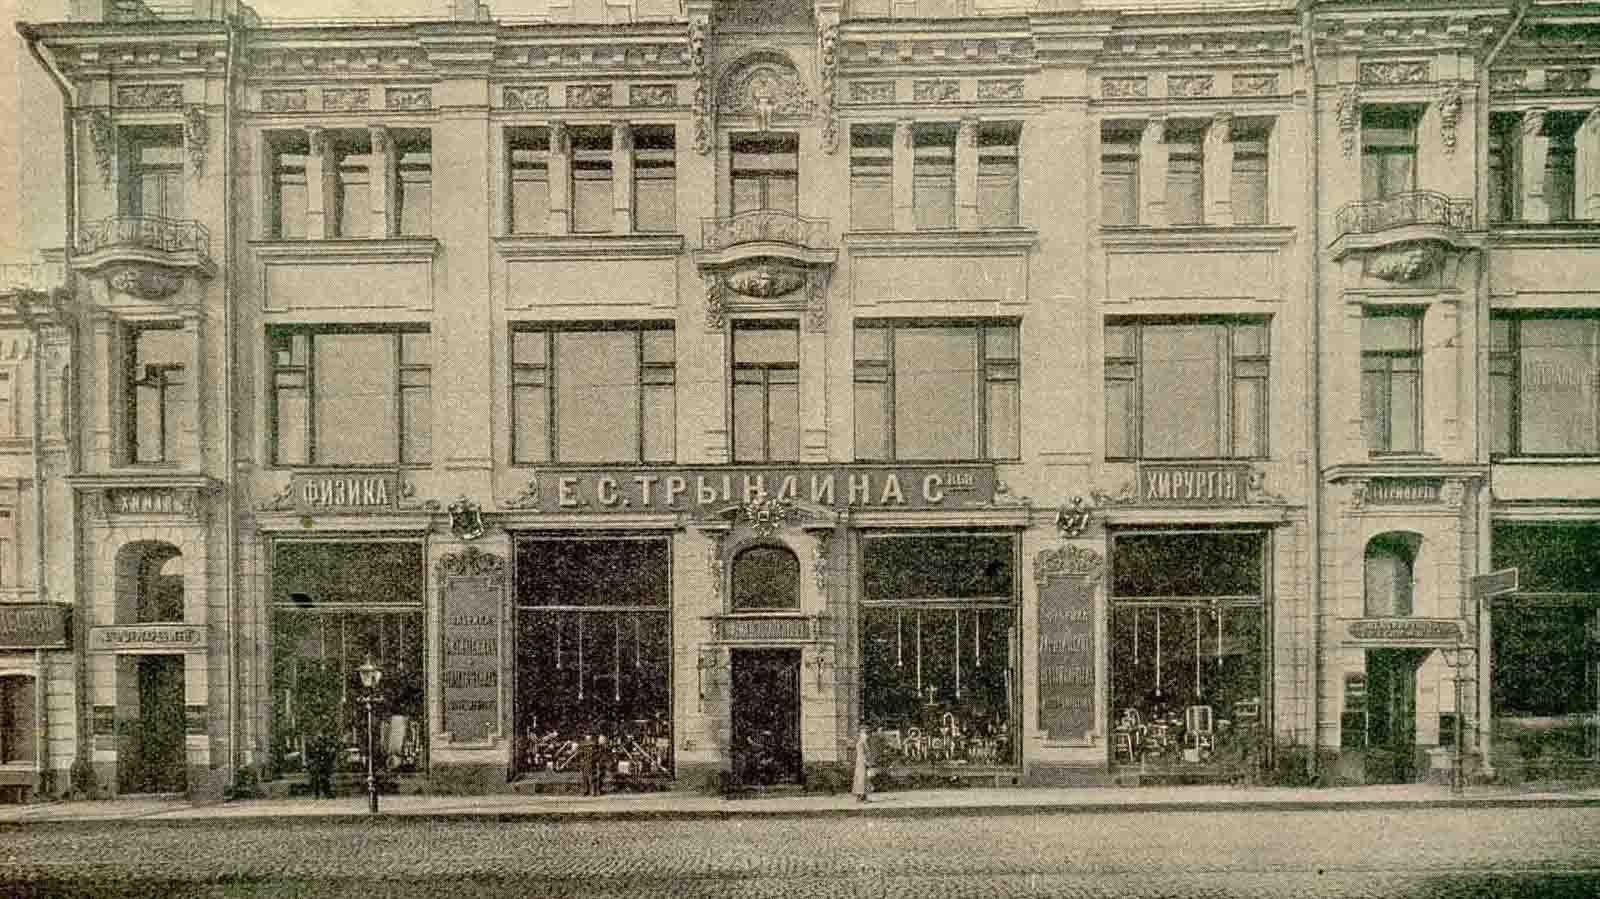 Магазин фирмы Трындиных на Большой Лубянке. 1904